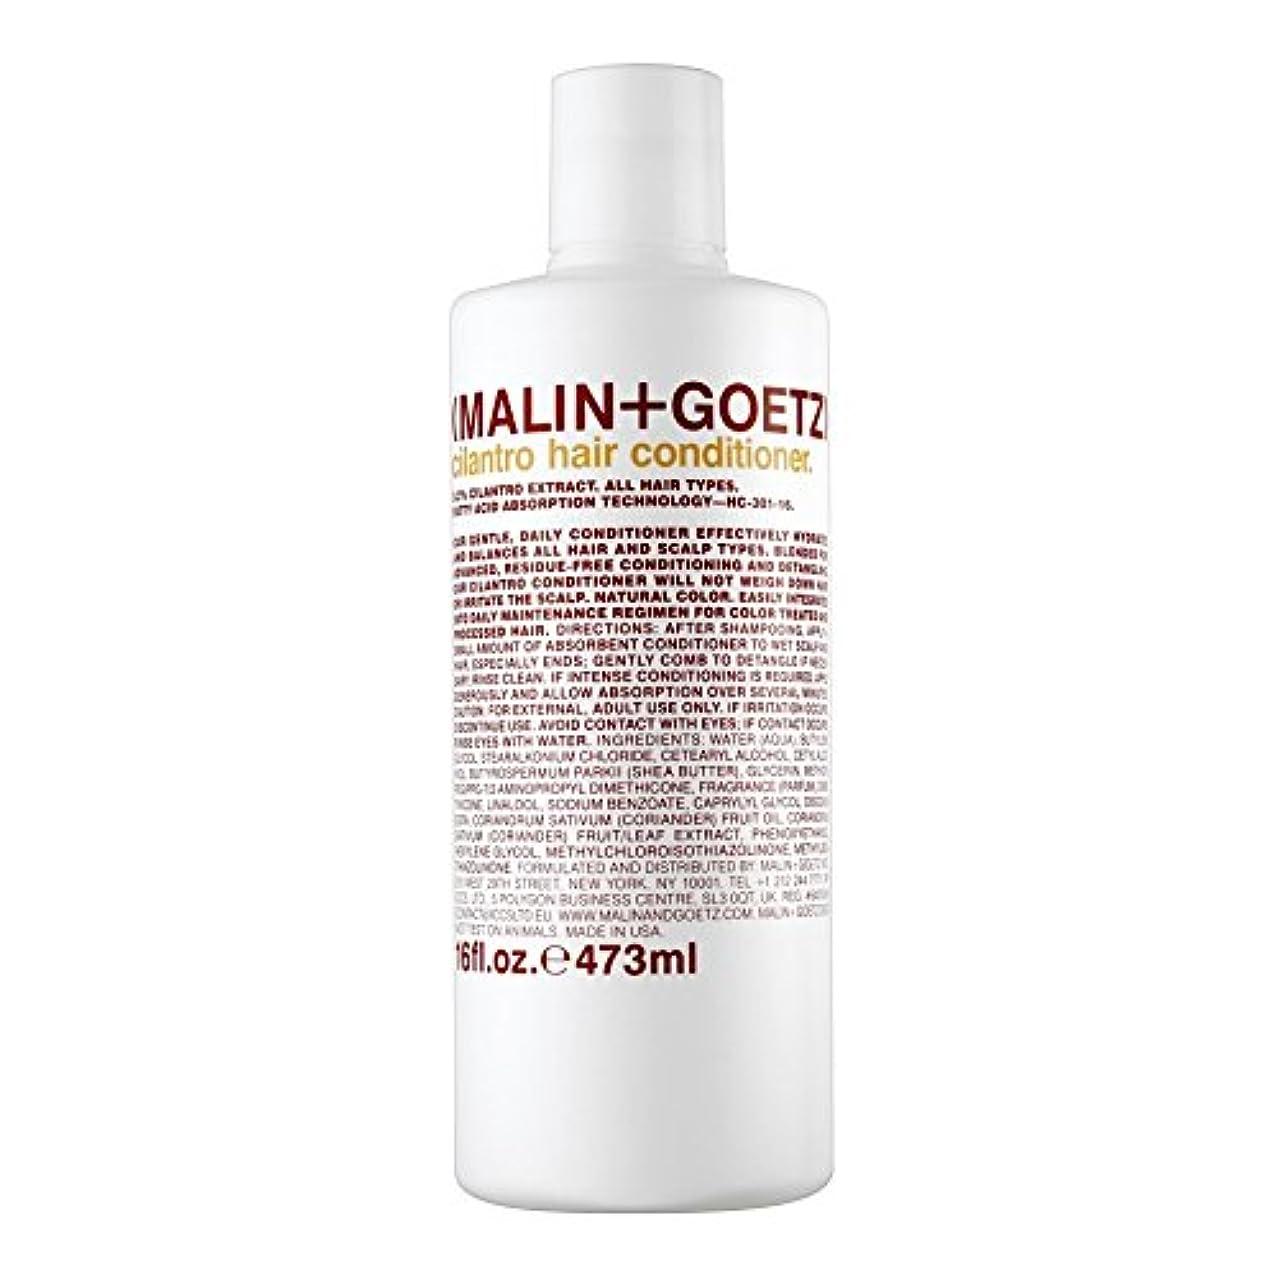 助手あざ優越マリン+ゲッツコリアンダーのヘアコンディショナー473ミリリットル x4 - MALIN+GOETZ Cilantro Hair Conditioner 473ml (Pack of 4) [並行輸入品]